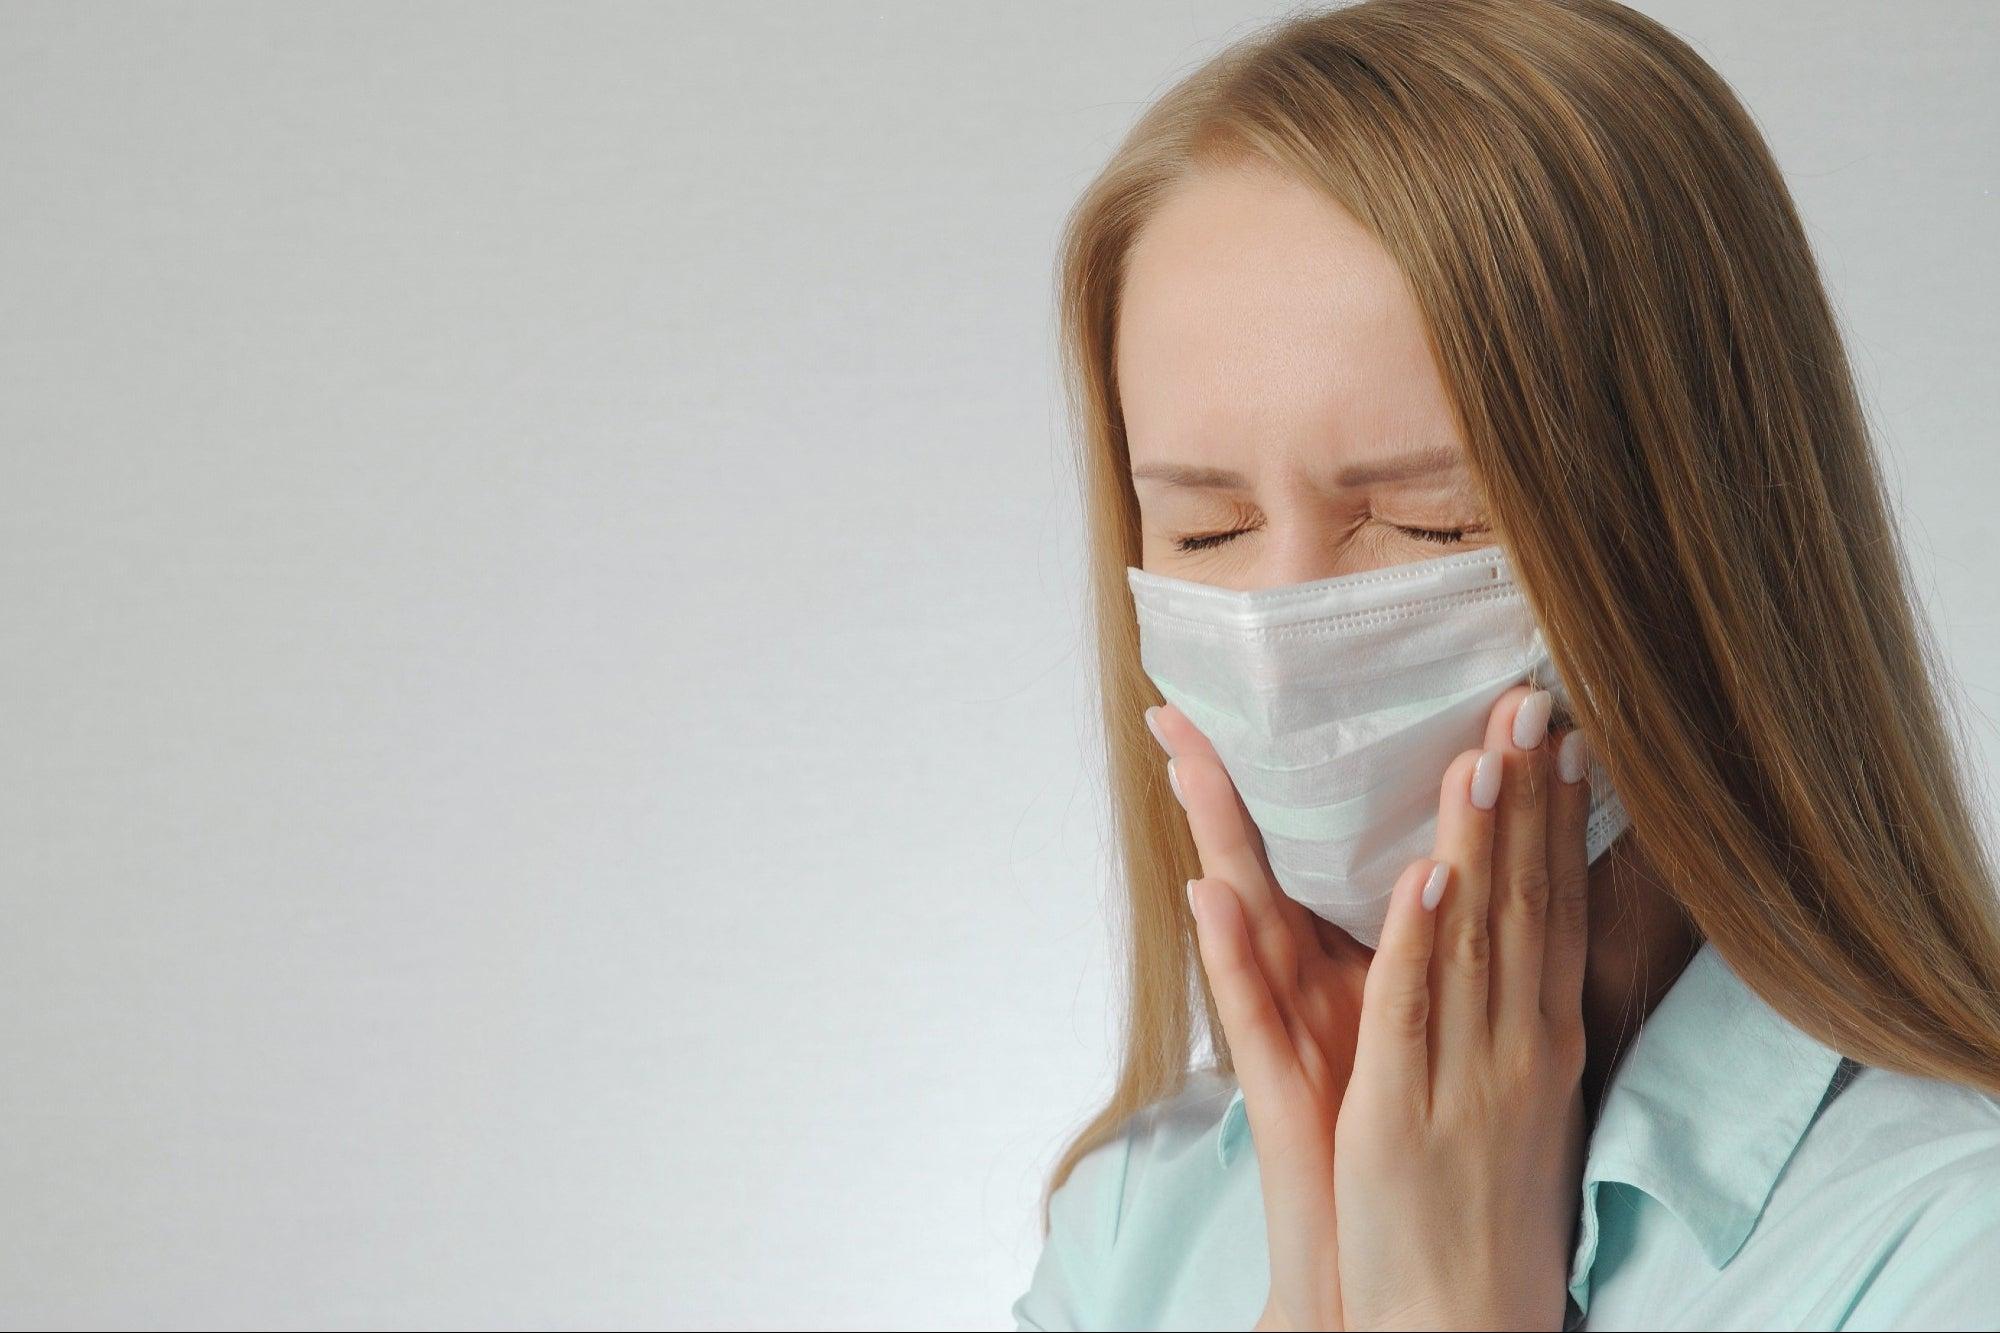 Aumentan los dolores de mandíbula: ¿Son por culpa del cubrebocas?